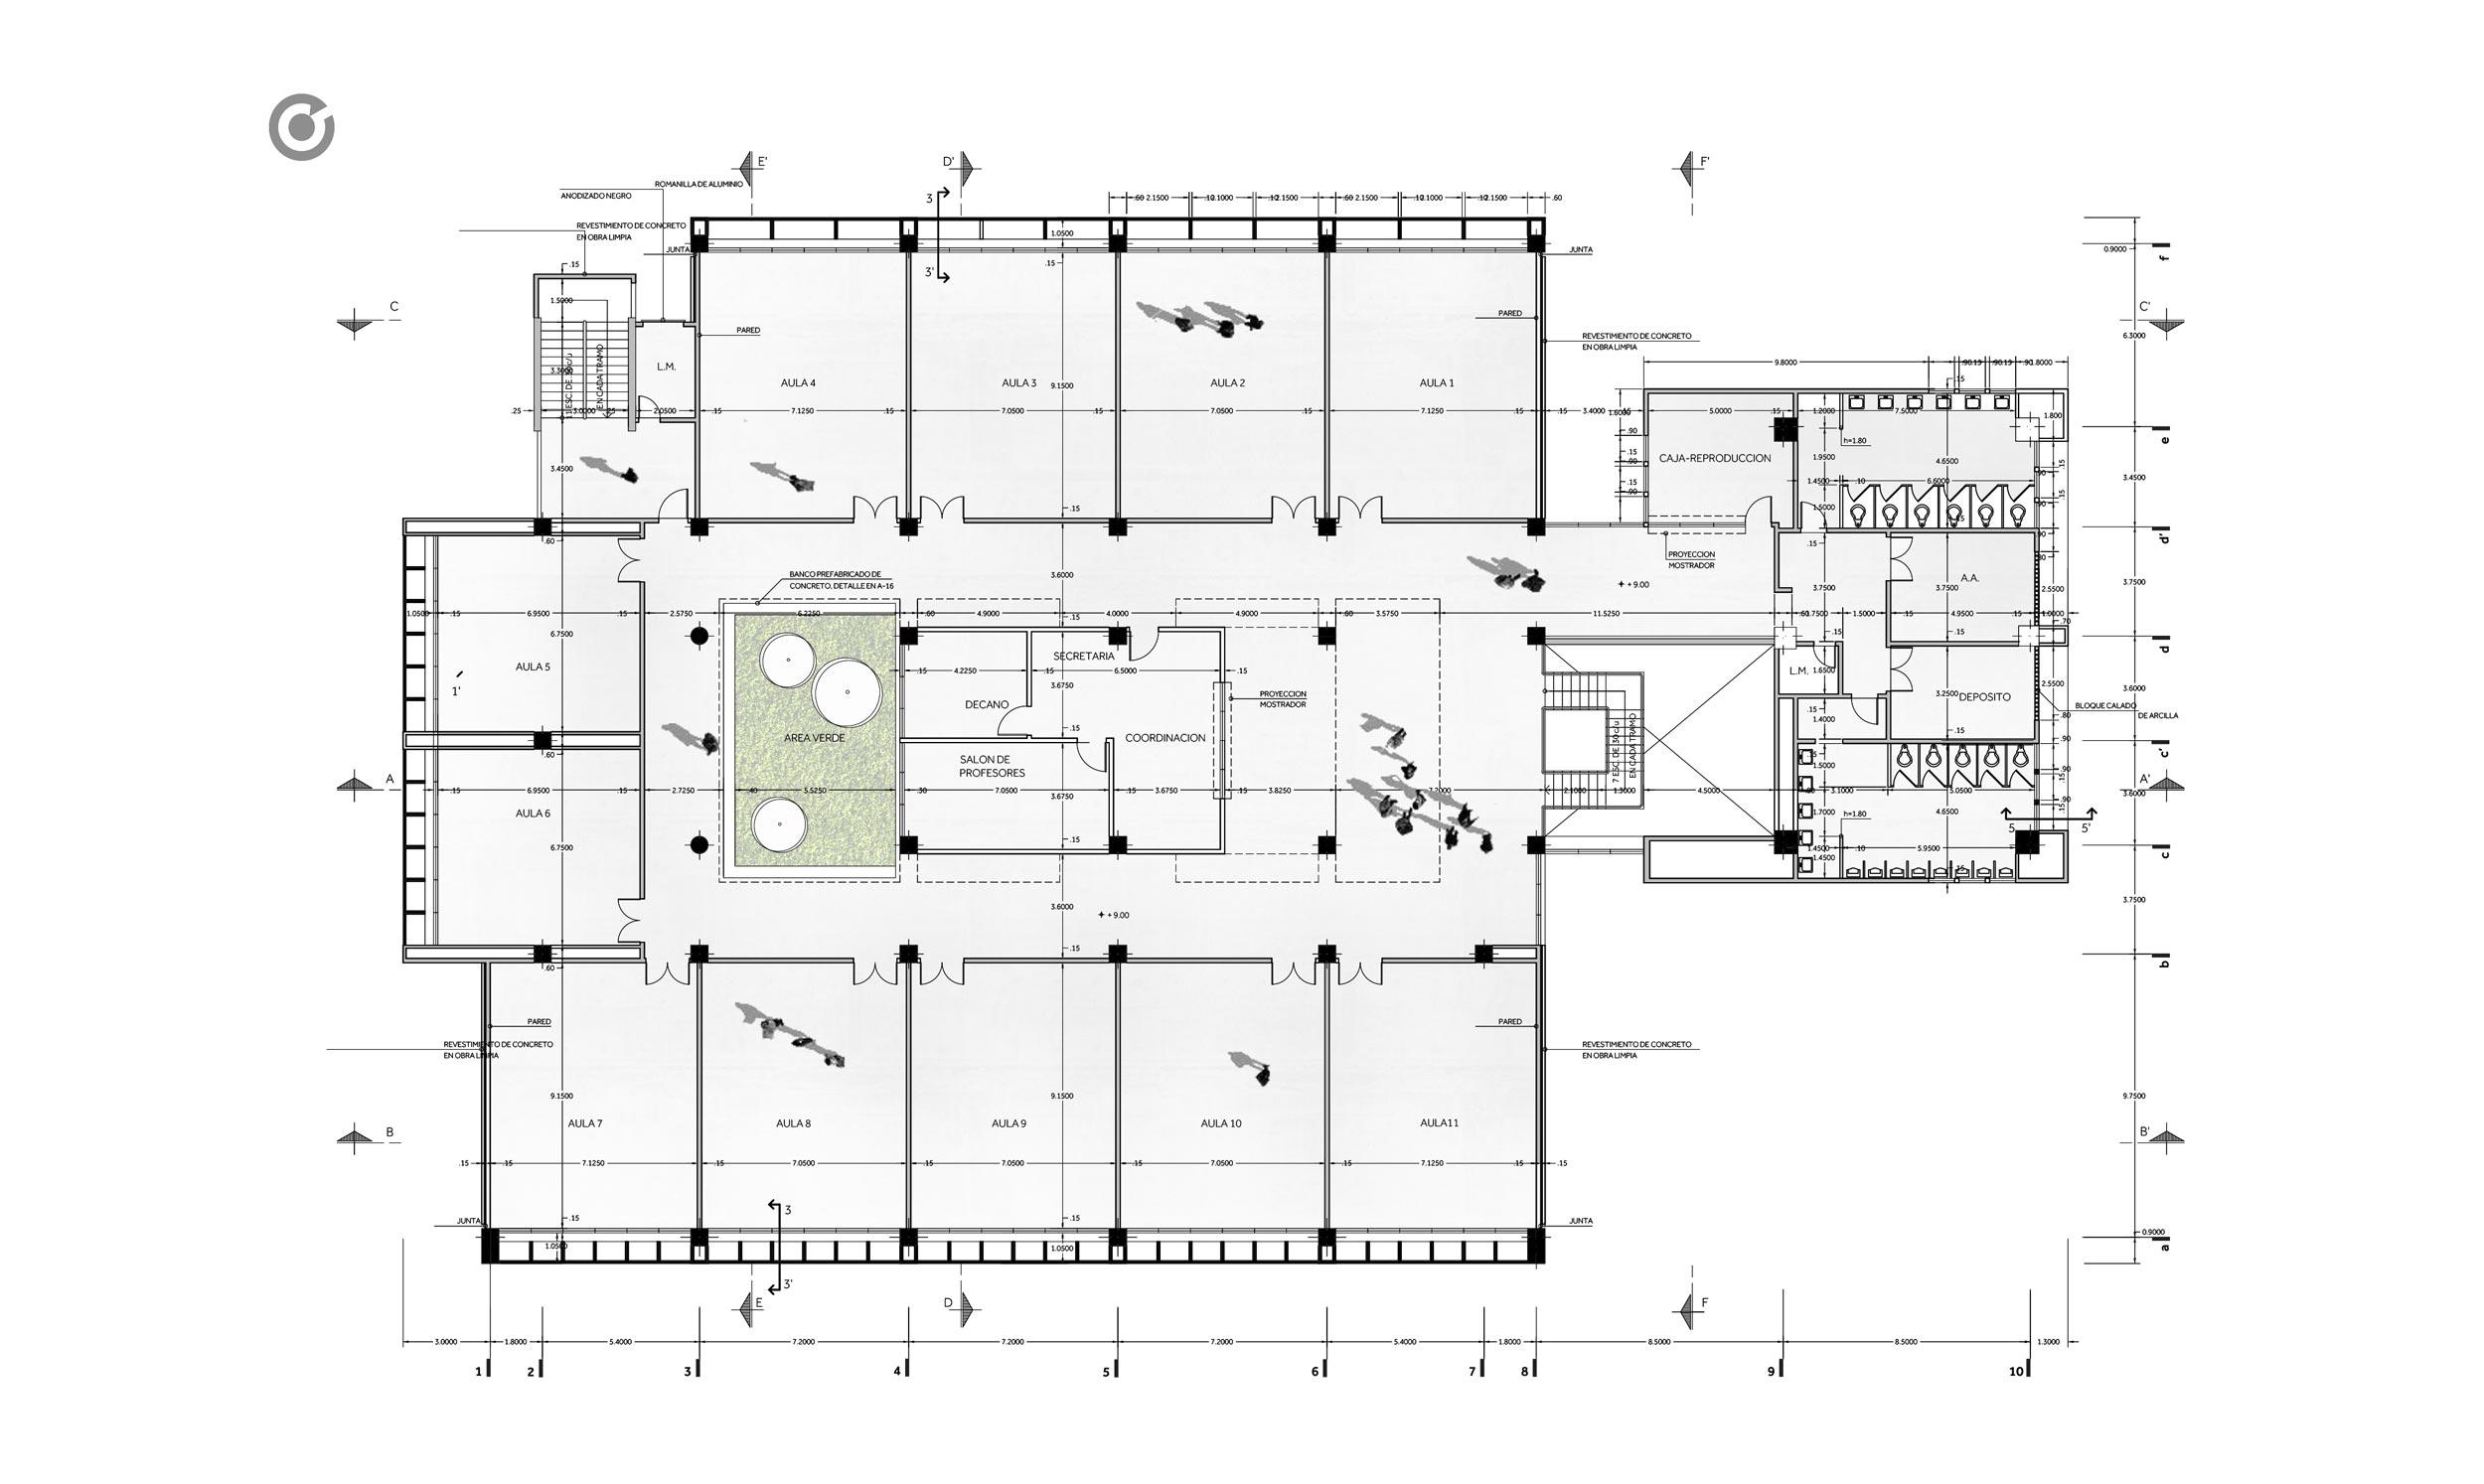 edificio-biblioteca-y-posgrado-urbe-1